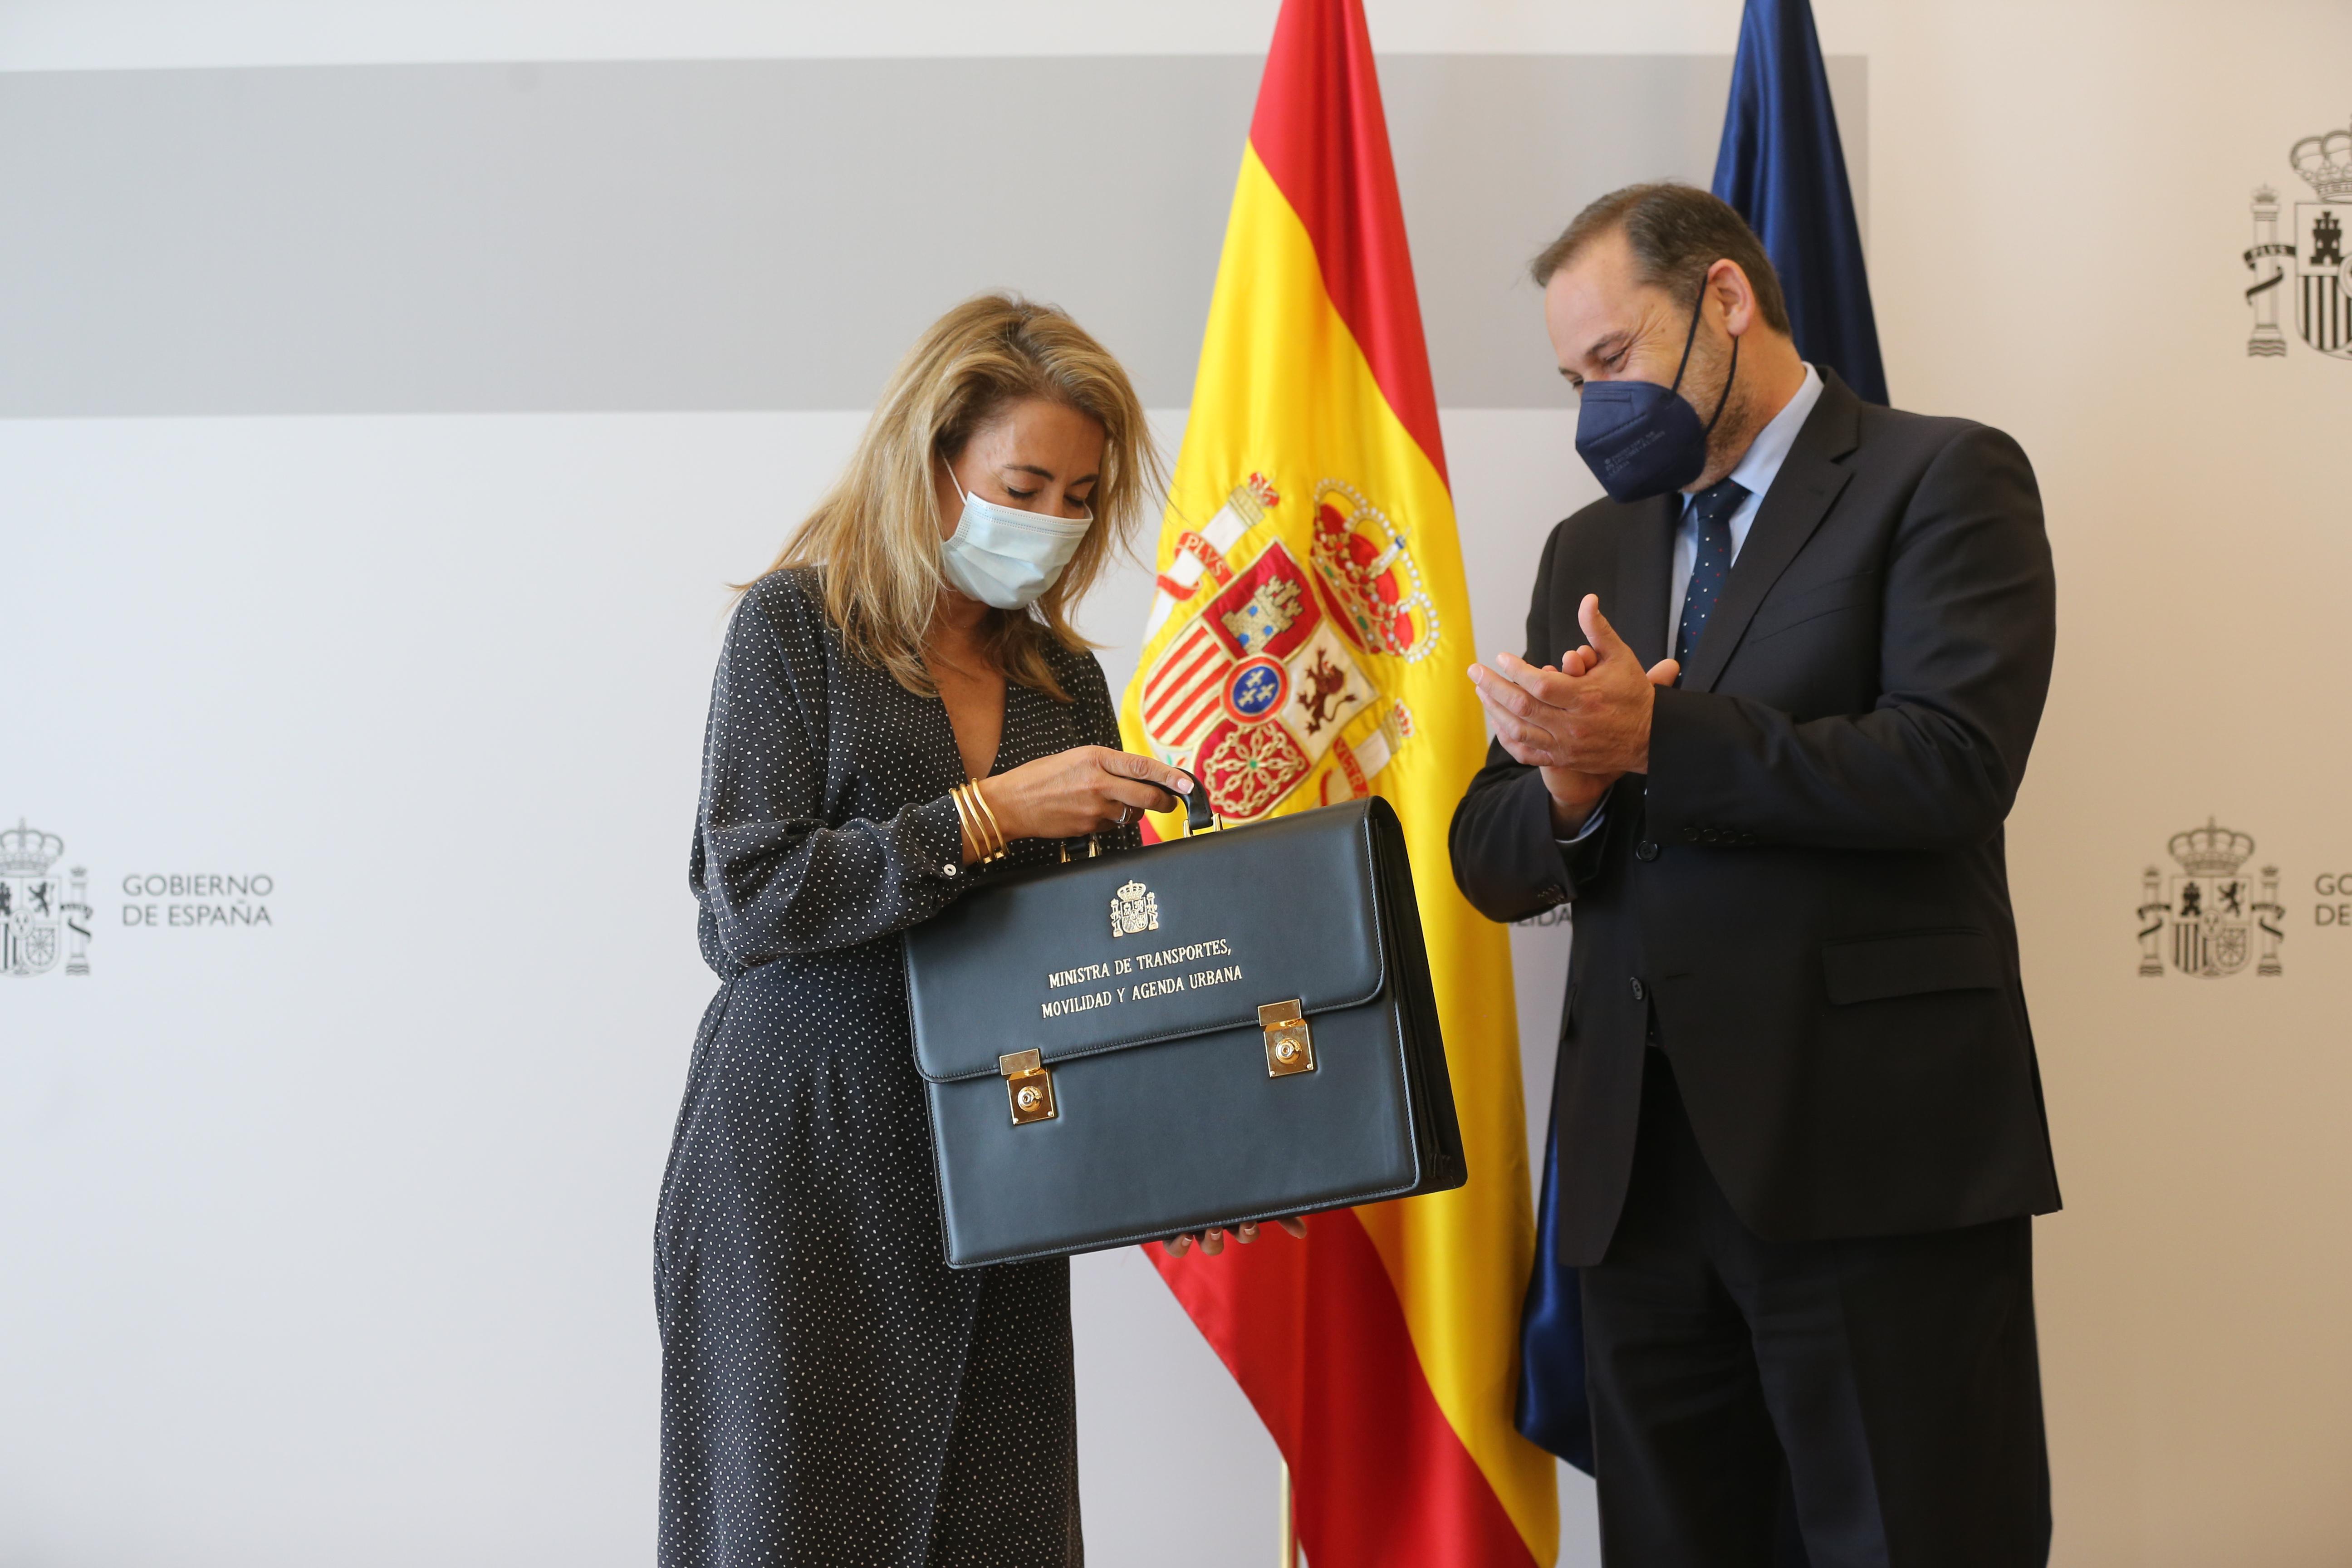 La nueva ministra de Transportes, Movilidad y Agenda Urbana, Raquel Sánchez, recibe la cartera ministerial de su predecesor, Jos / Europa Press